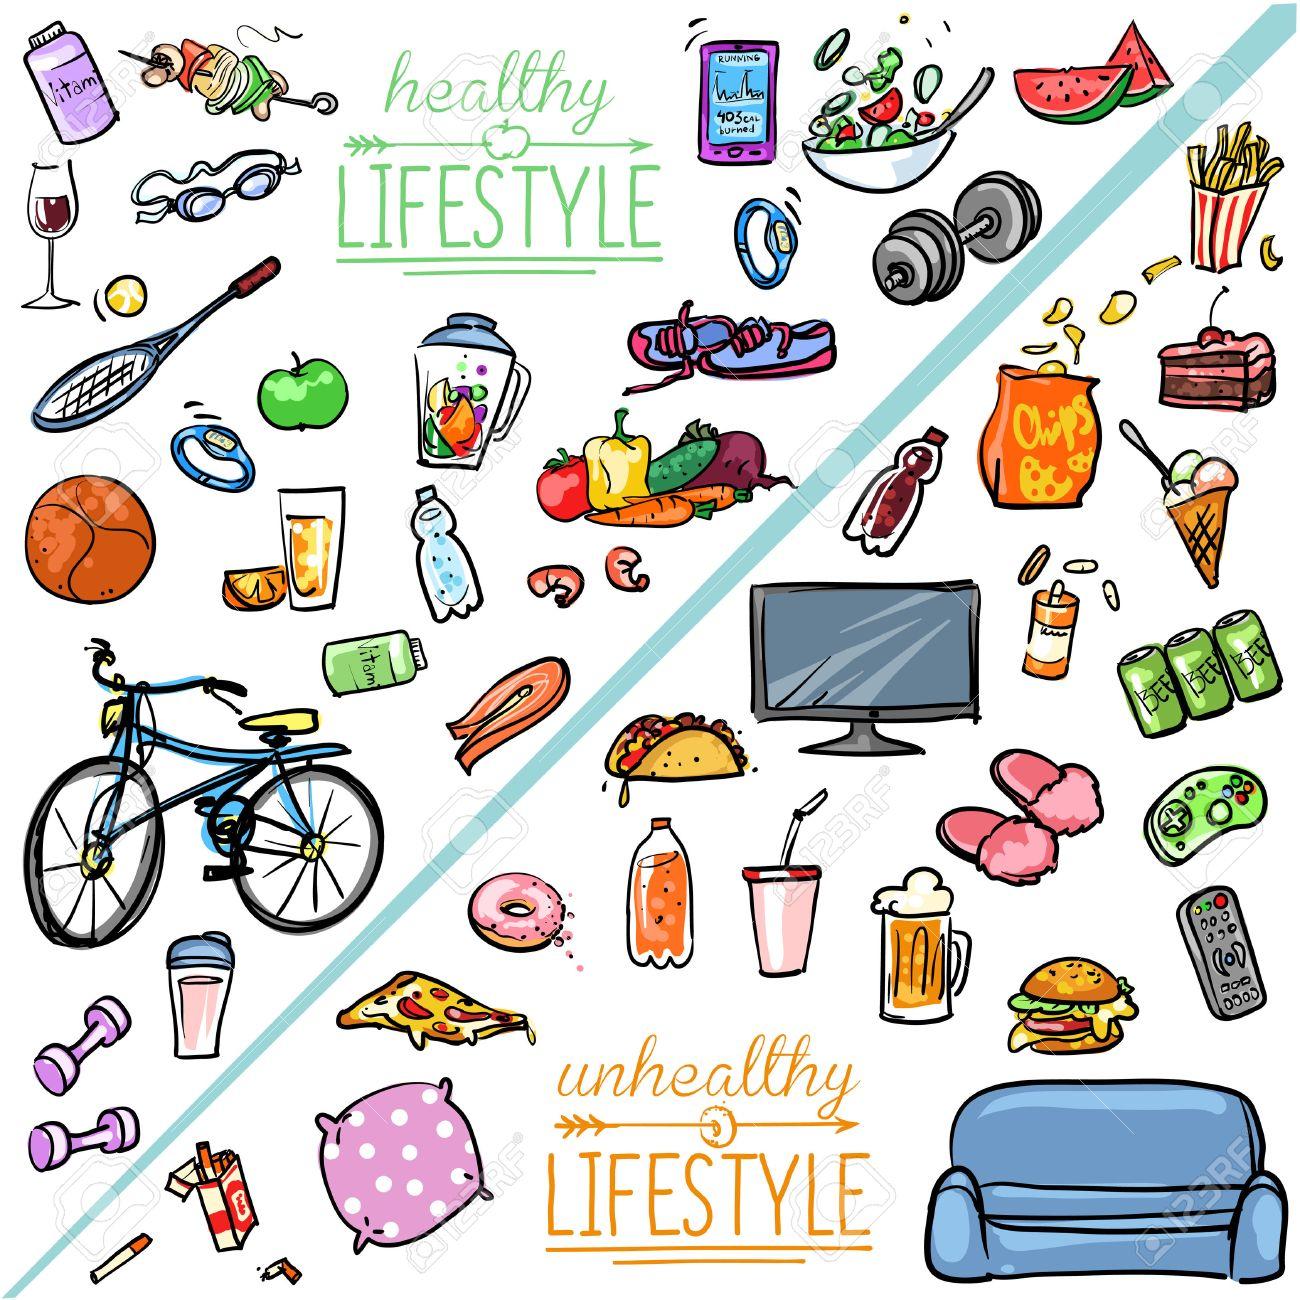 estilo de vida saludable vs no saludable estilo de vida coleccin de dibujos animados dibujados